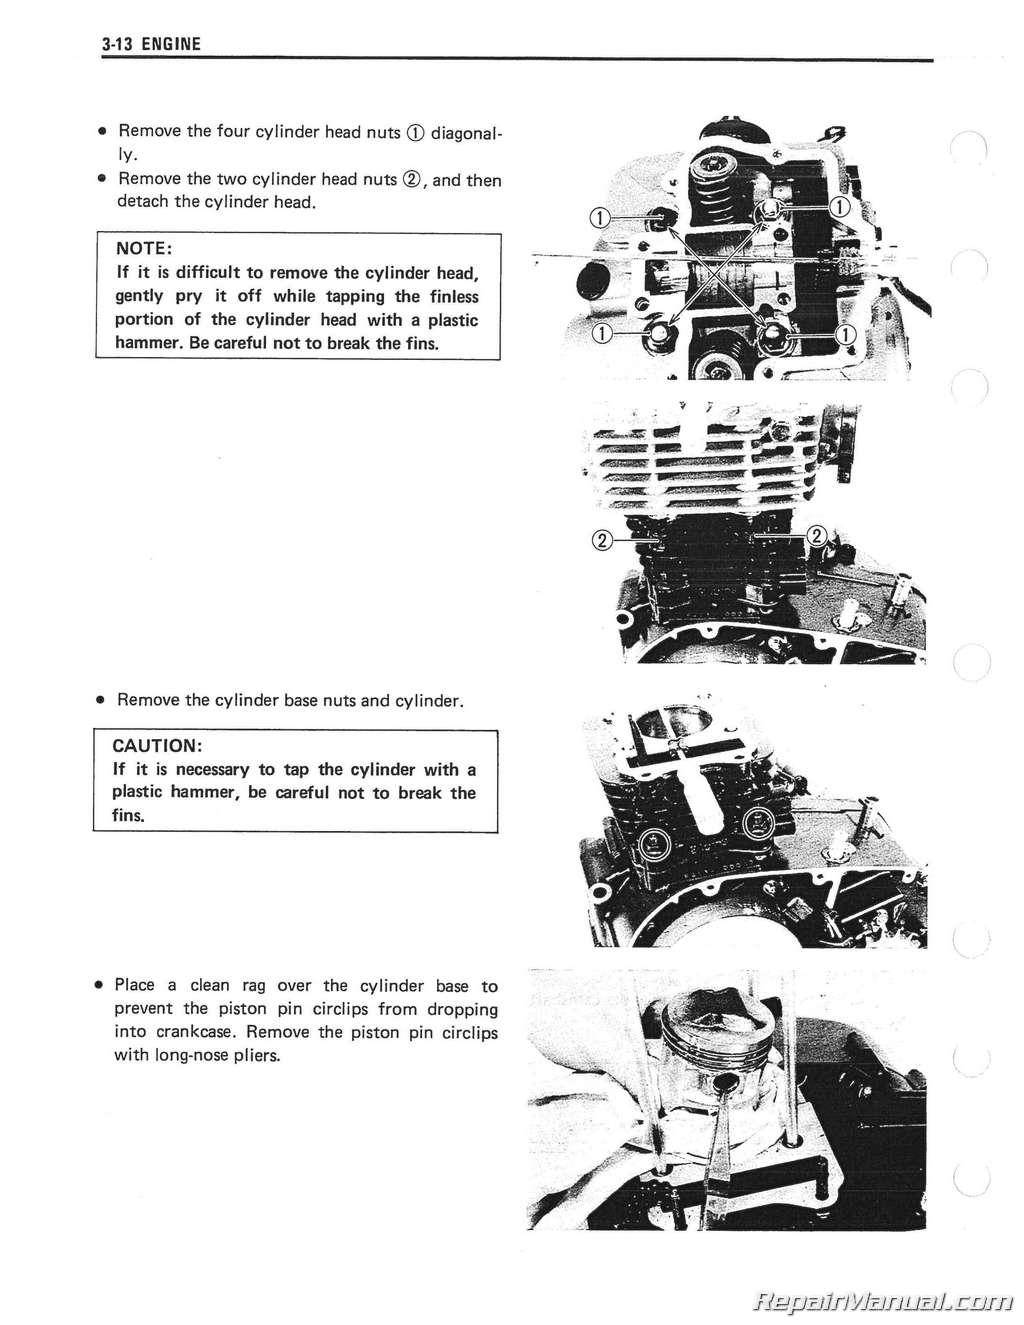 1986 1987 1988 suzuki dr125 sp125 motorcycle service manual rh repairmanual com Wheelie Suzuki DR125 Suzuki Dirt Bikes